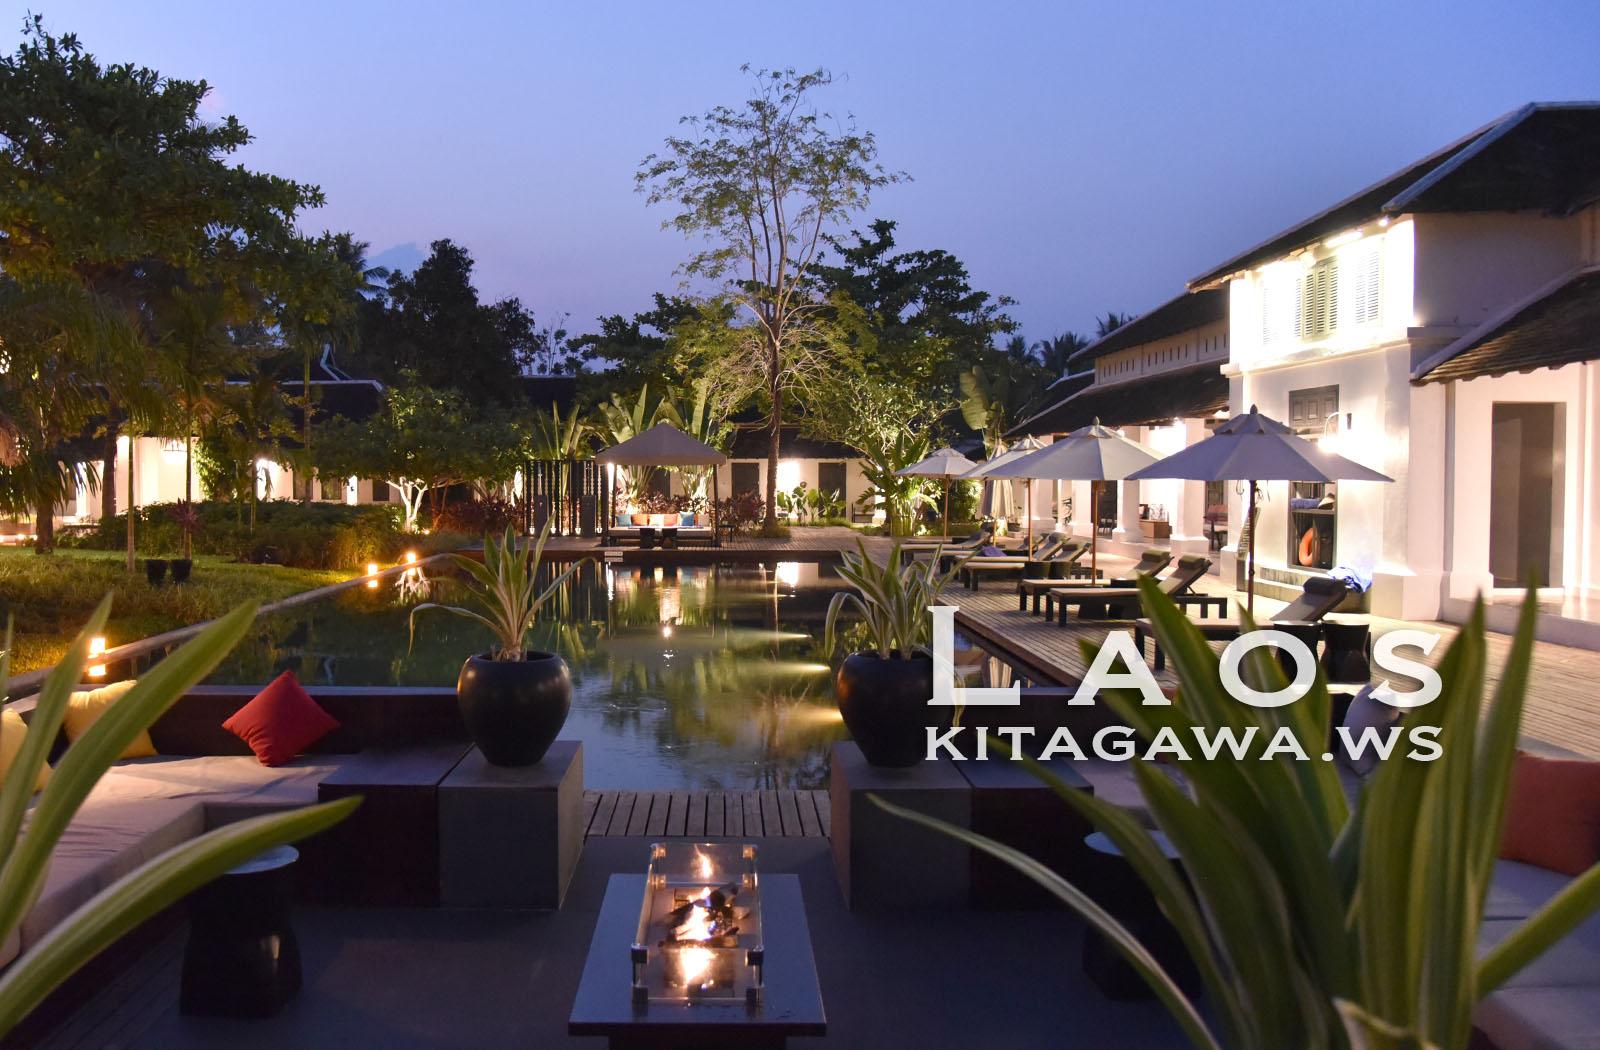 ソフィテルルアンパバーン Sofitel Luang Prabang ホテル宿泊記